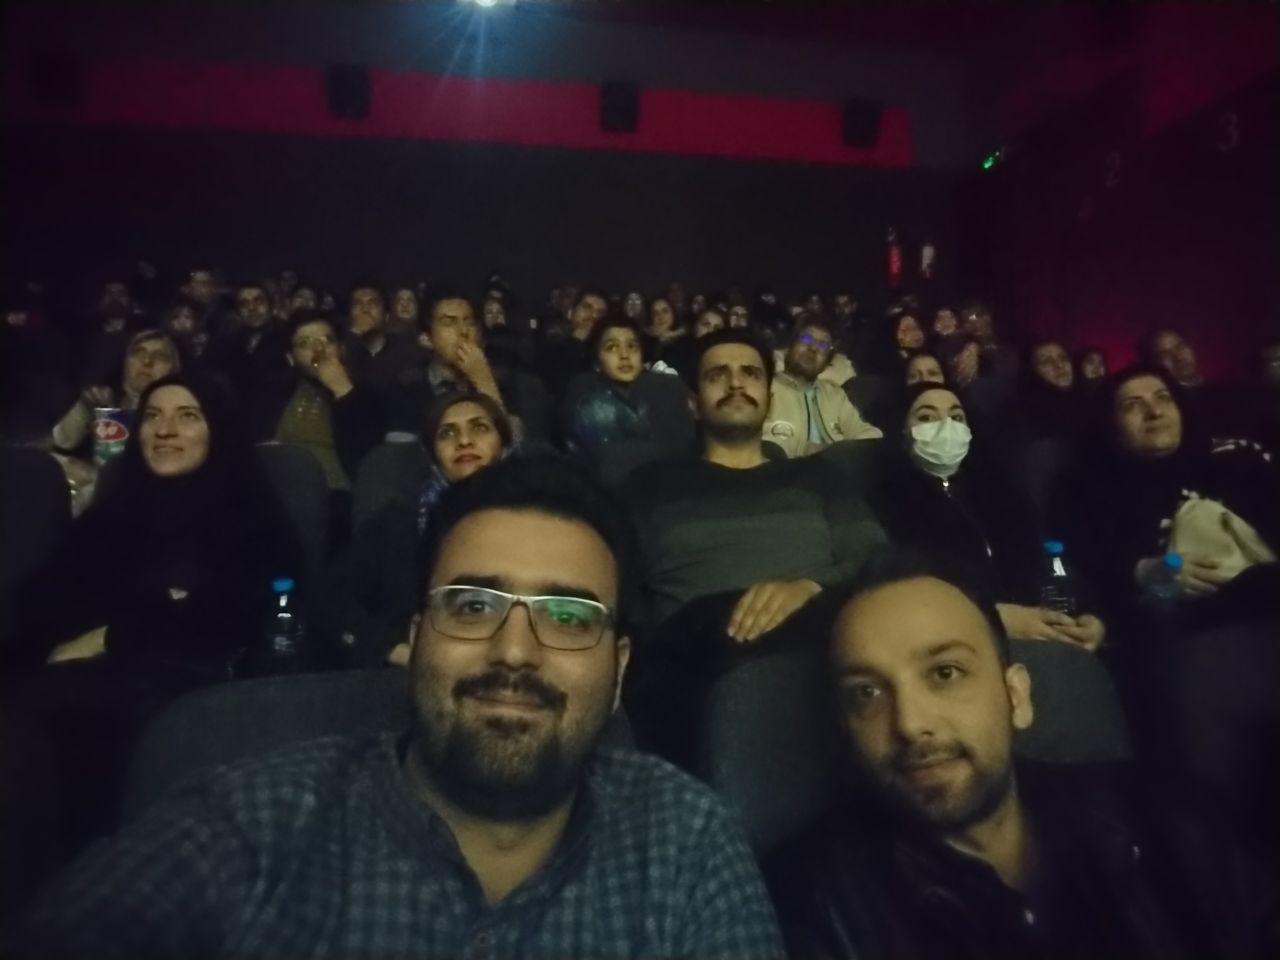 استقبال از فیلم سینمایی ما خیلی باحالیم